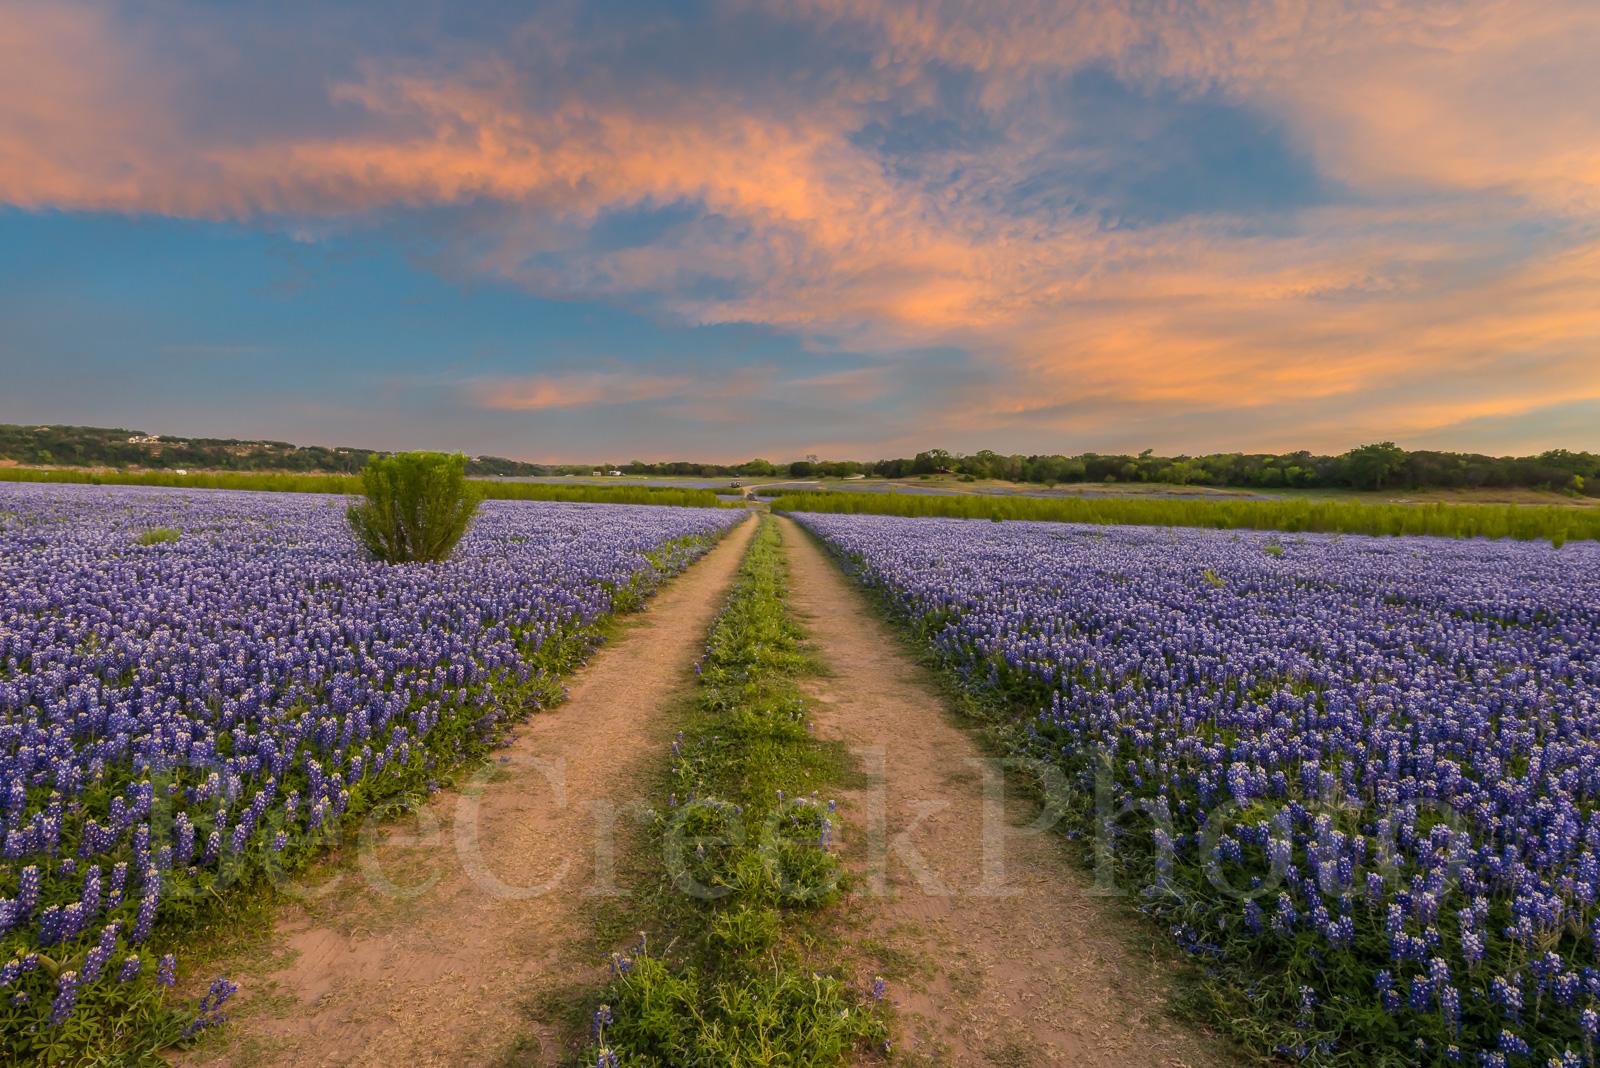 Bluebonnets, blue bells, blue bonnets, sunset, colorful sky, Muleshoe Bend Park, river bluebonnets, Texas bluebonnets, bluebonnets in texas, field of bluebonnets, bluebonnets landscape, images of blue, photo